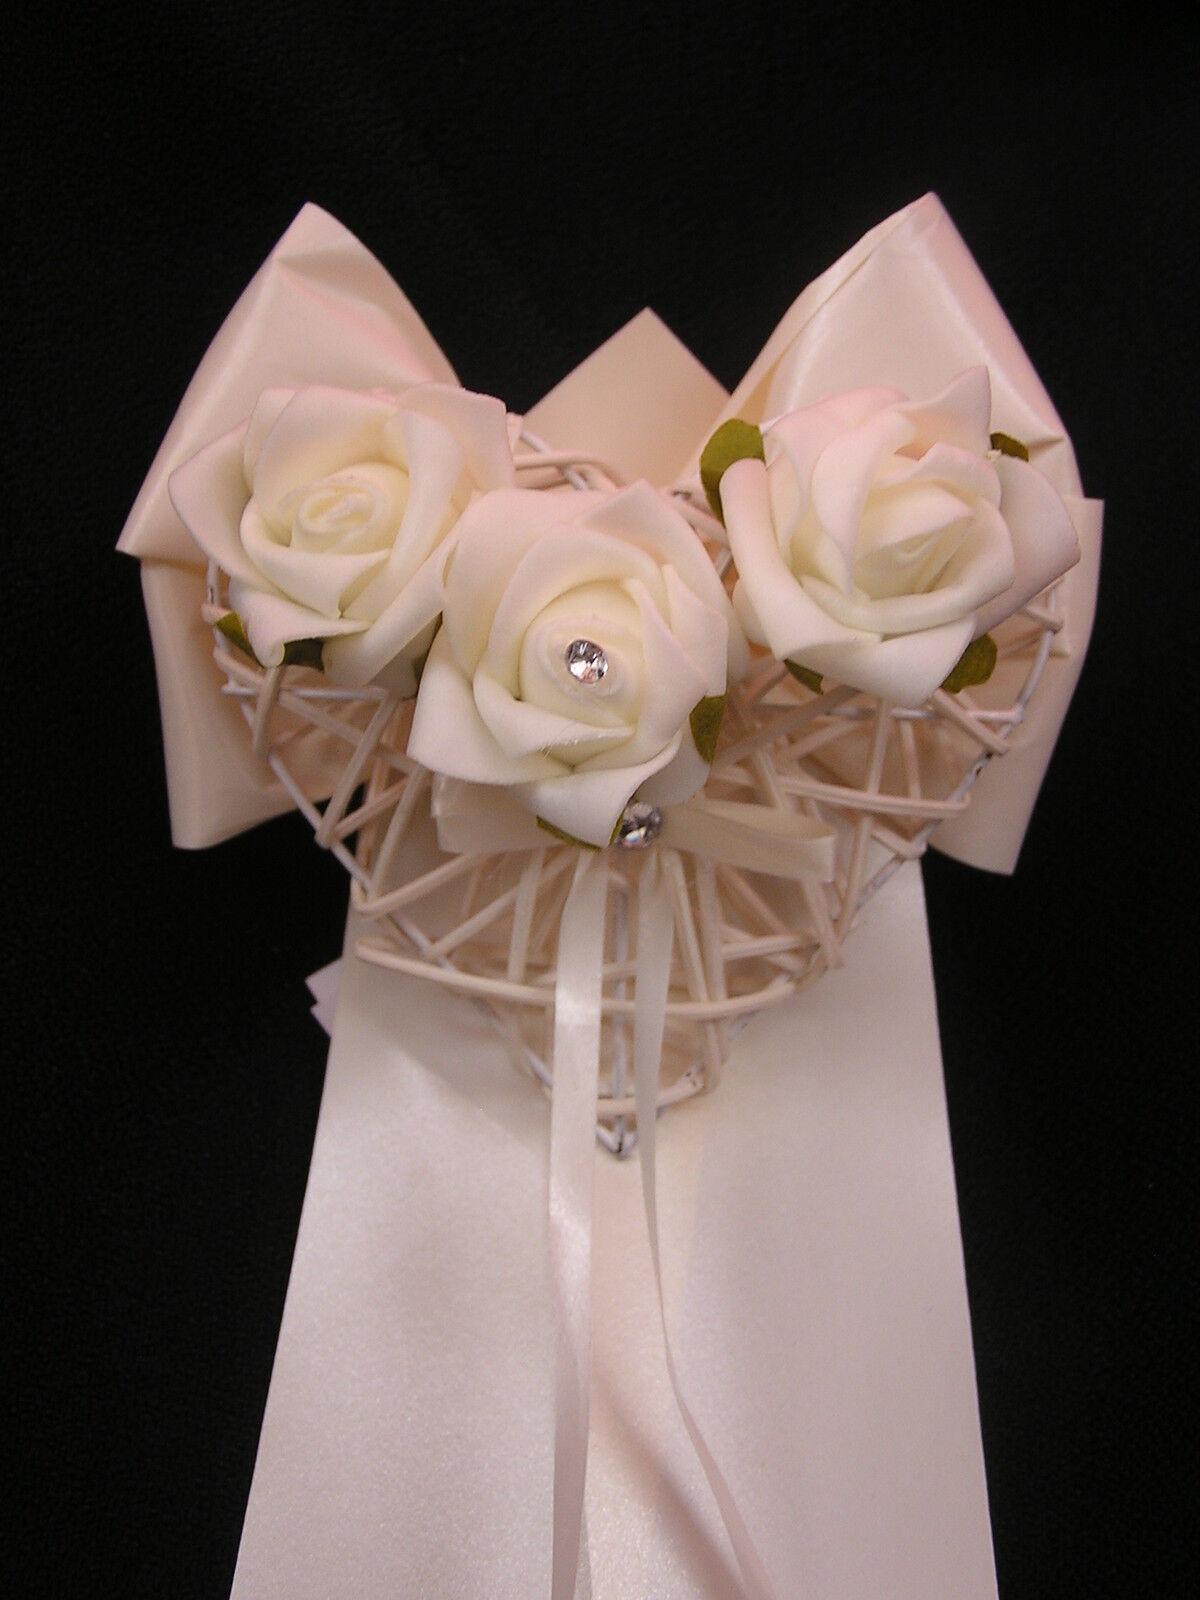 10 Pew fin Bows église Mariage Fleurs Décorations faveurs  DORA  TOP TABLE